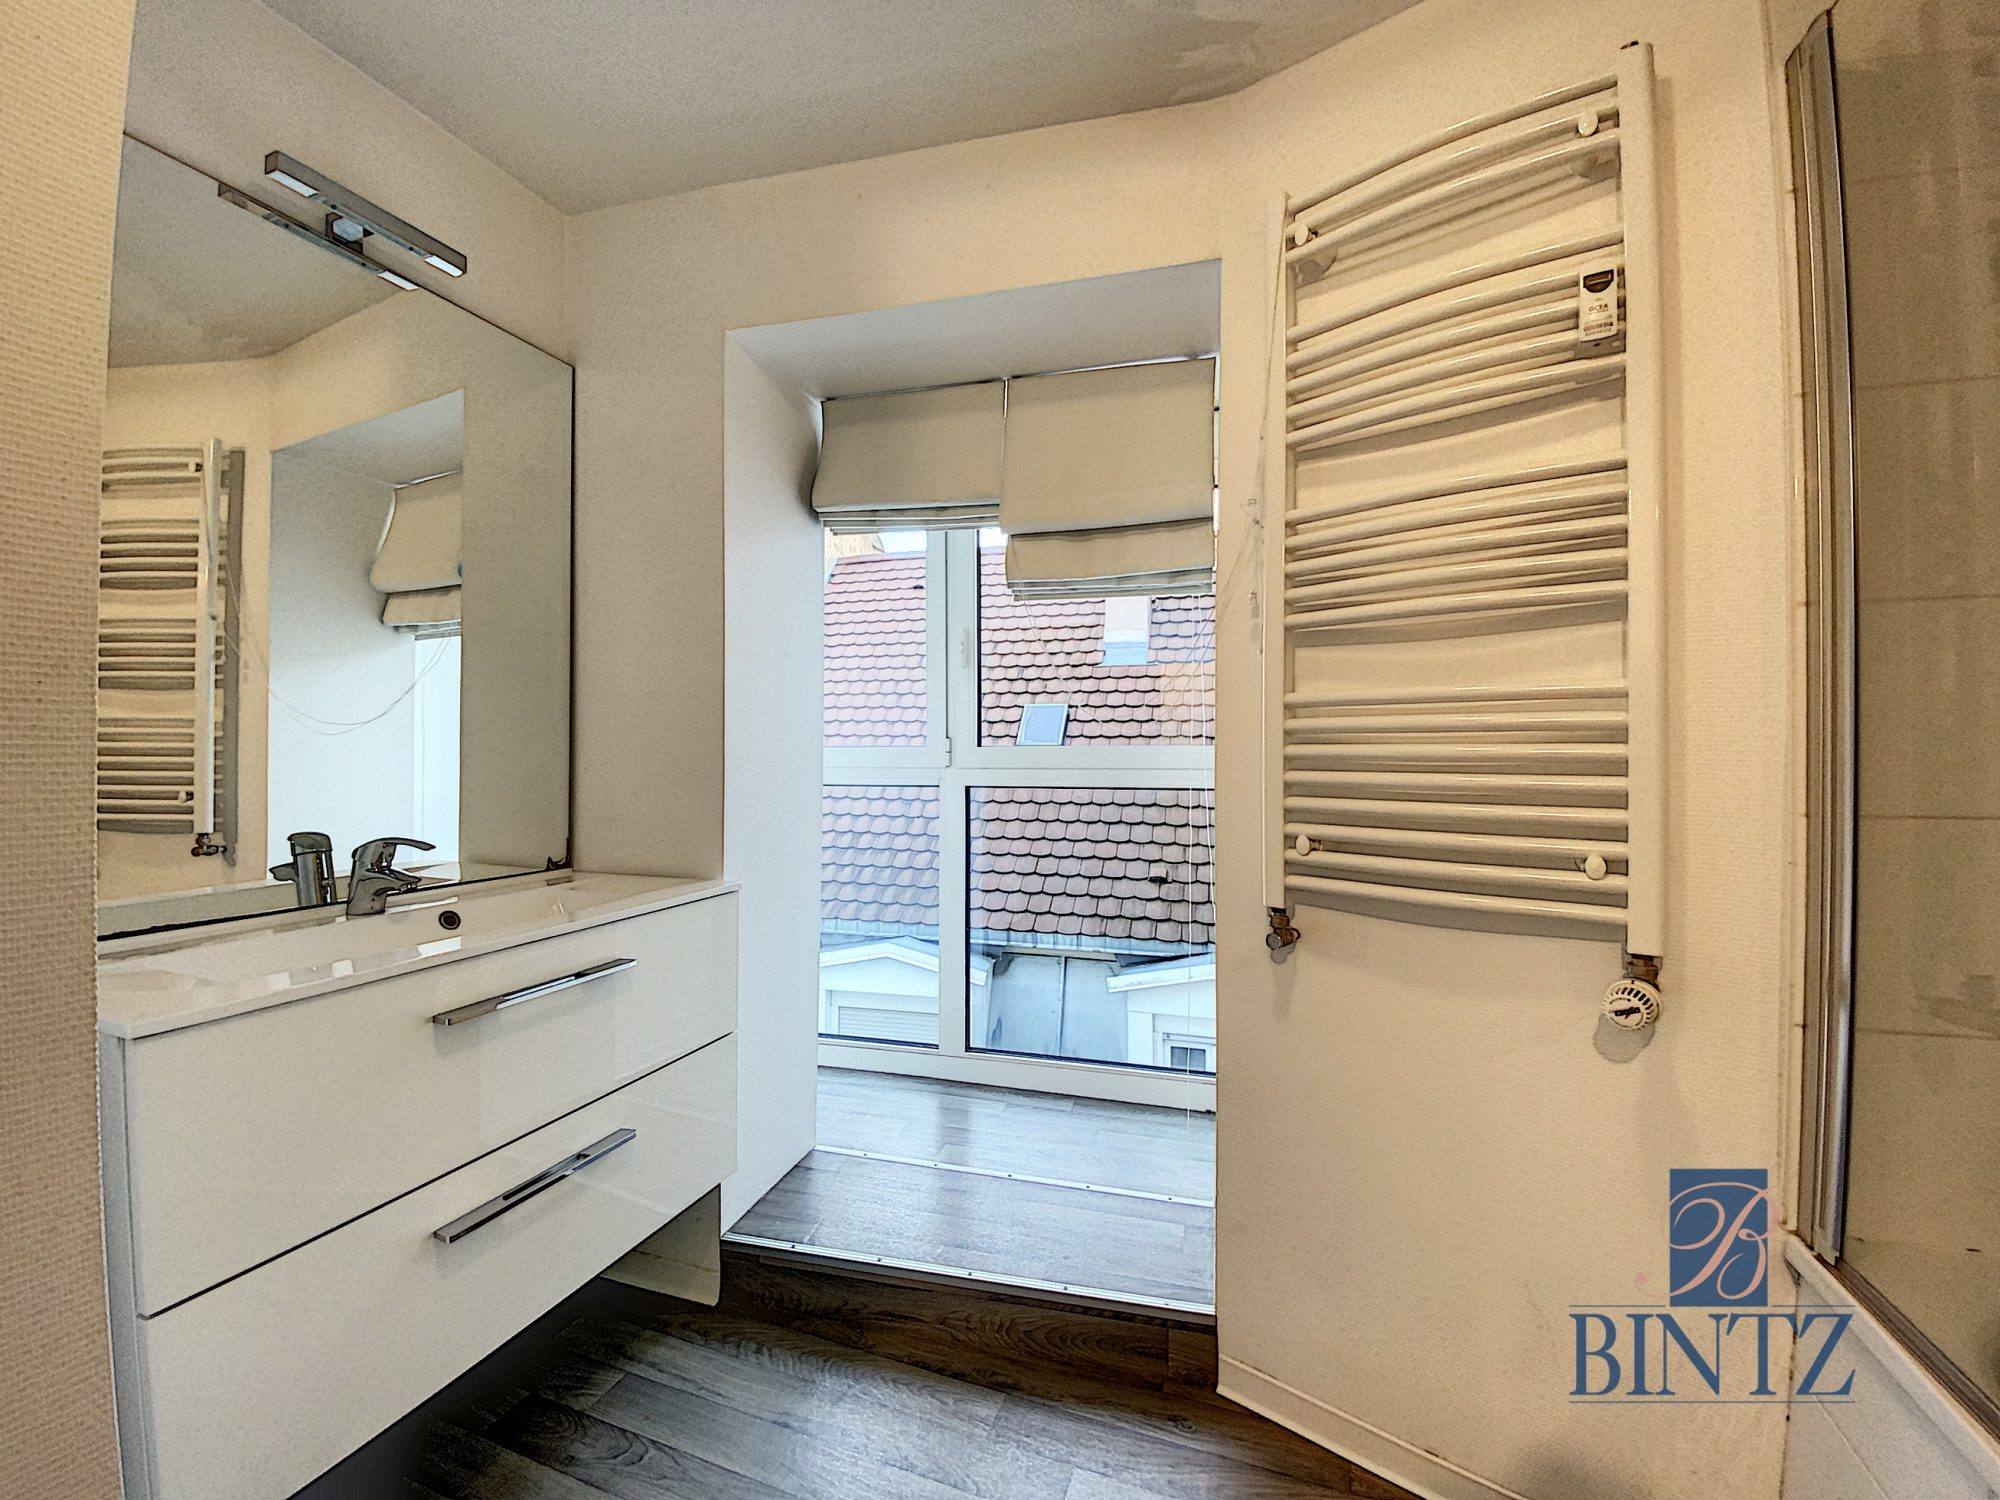 3 PIÈCES HYPERCENTRE - Devenez locataire en toute sérénité - Bintz Immobilier - 5